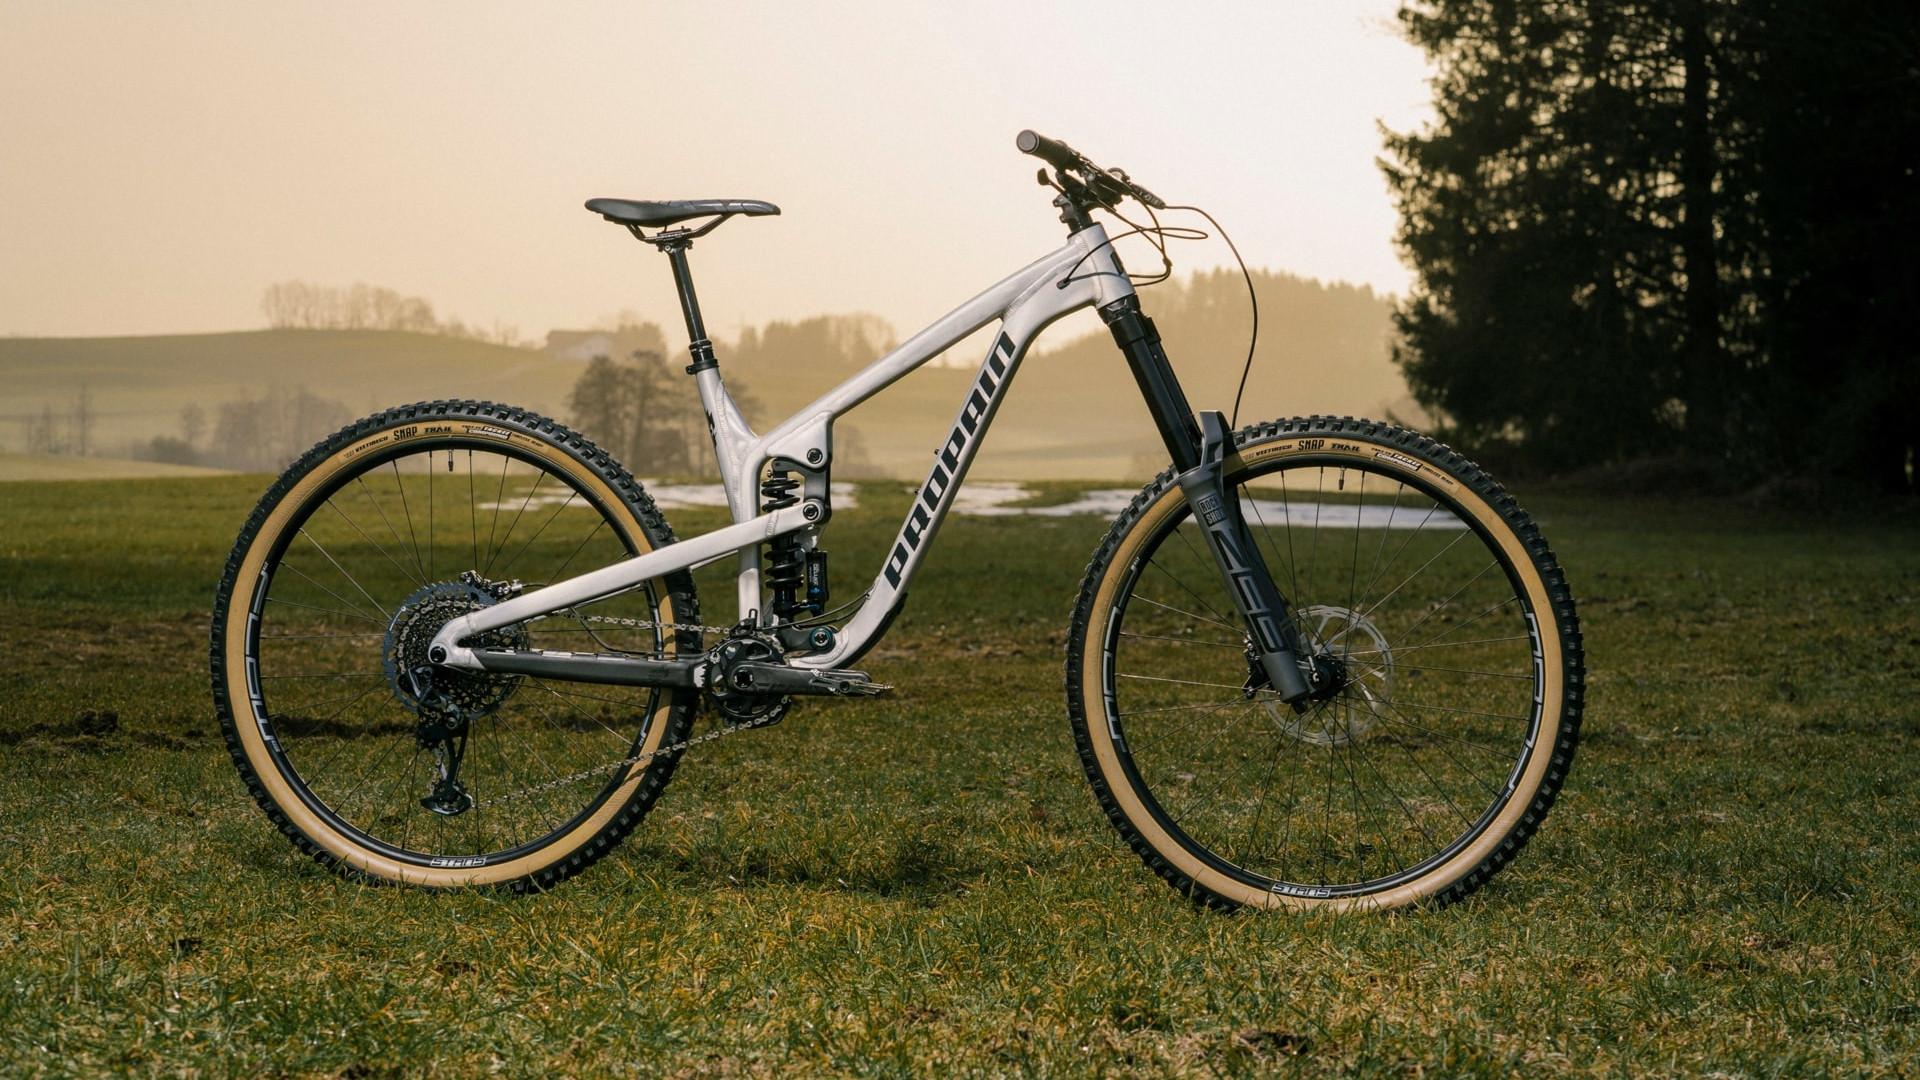 Bici mullet Propain Spindrift AL